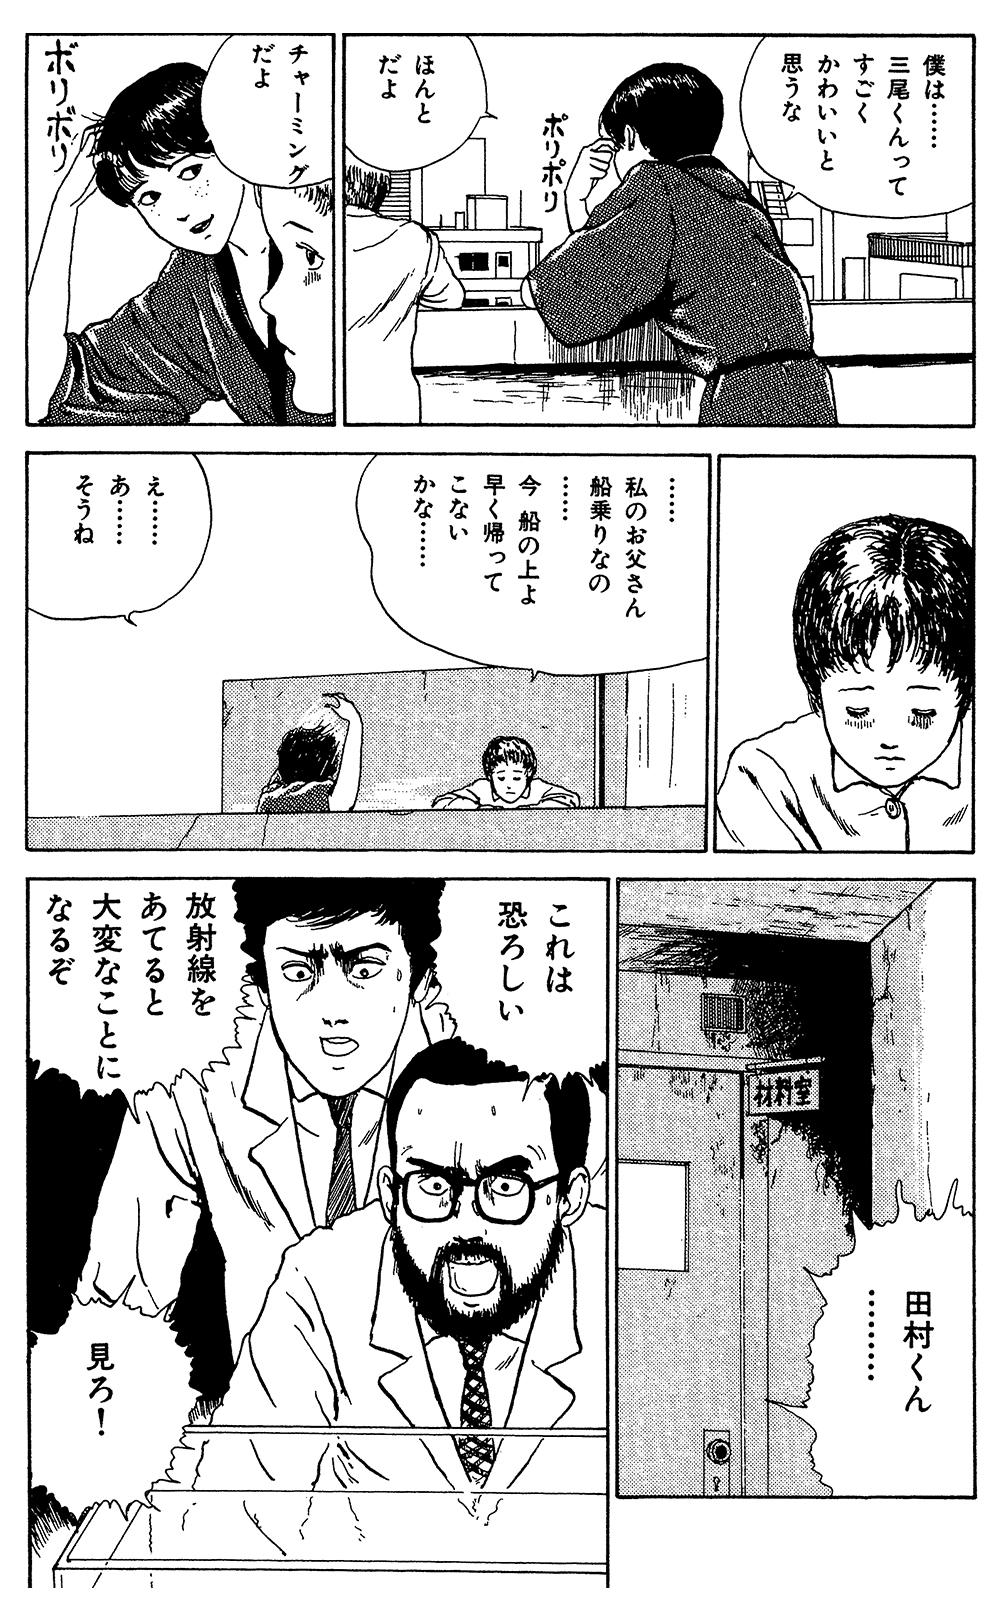 伊藤潤二傑作集 第3話「富江 地下室」②junji07-04.jpg